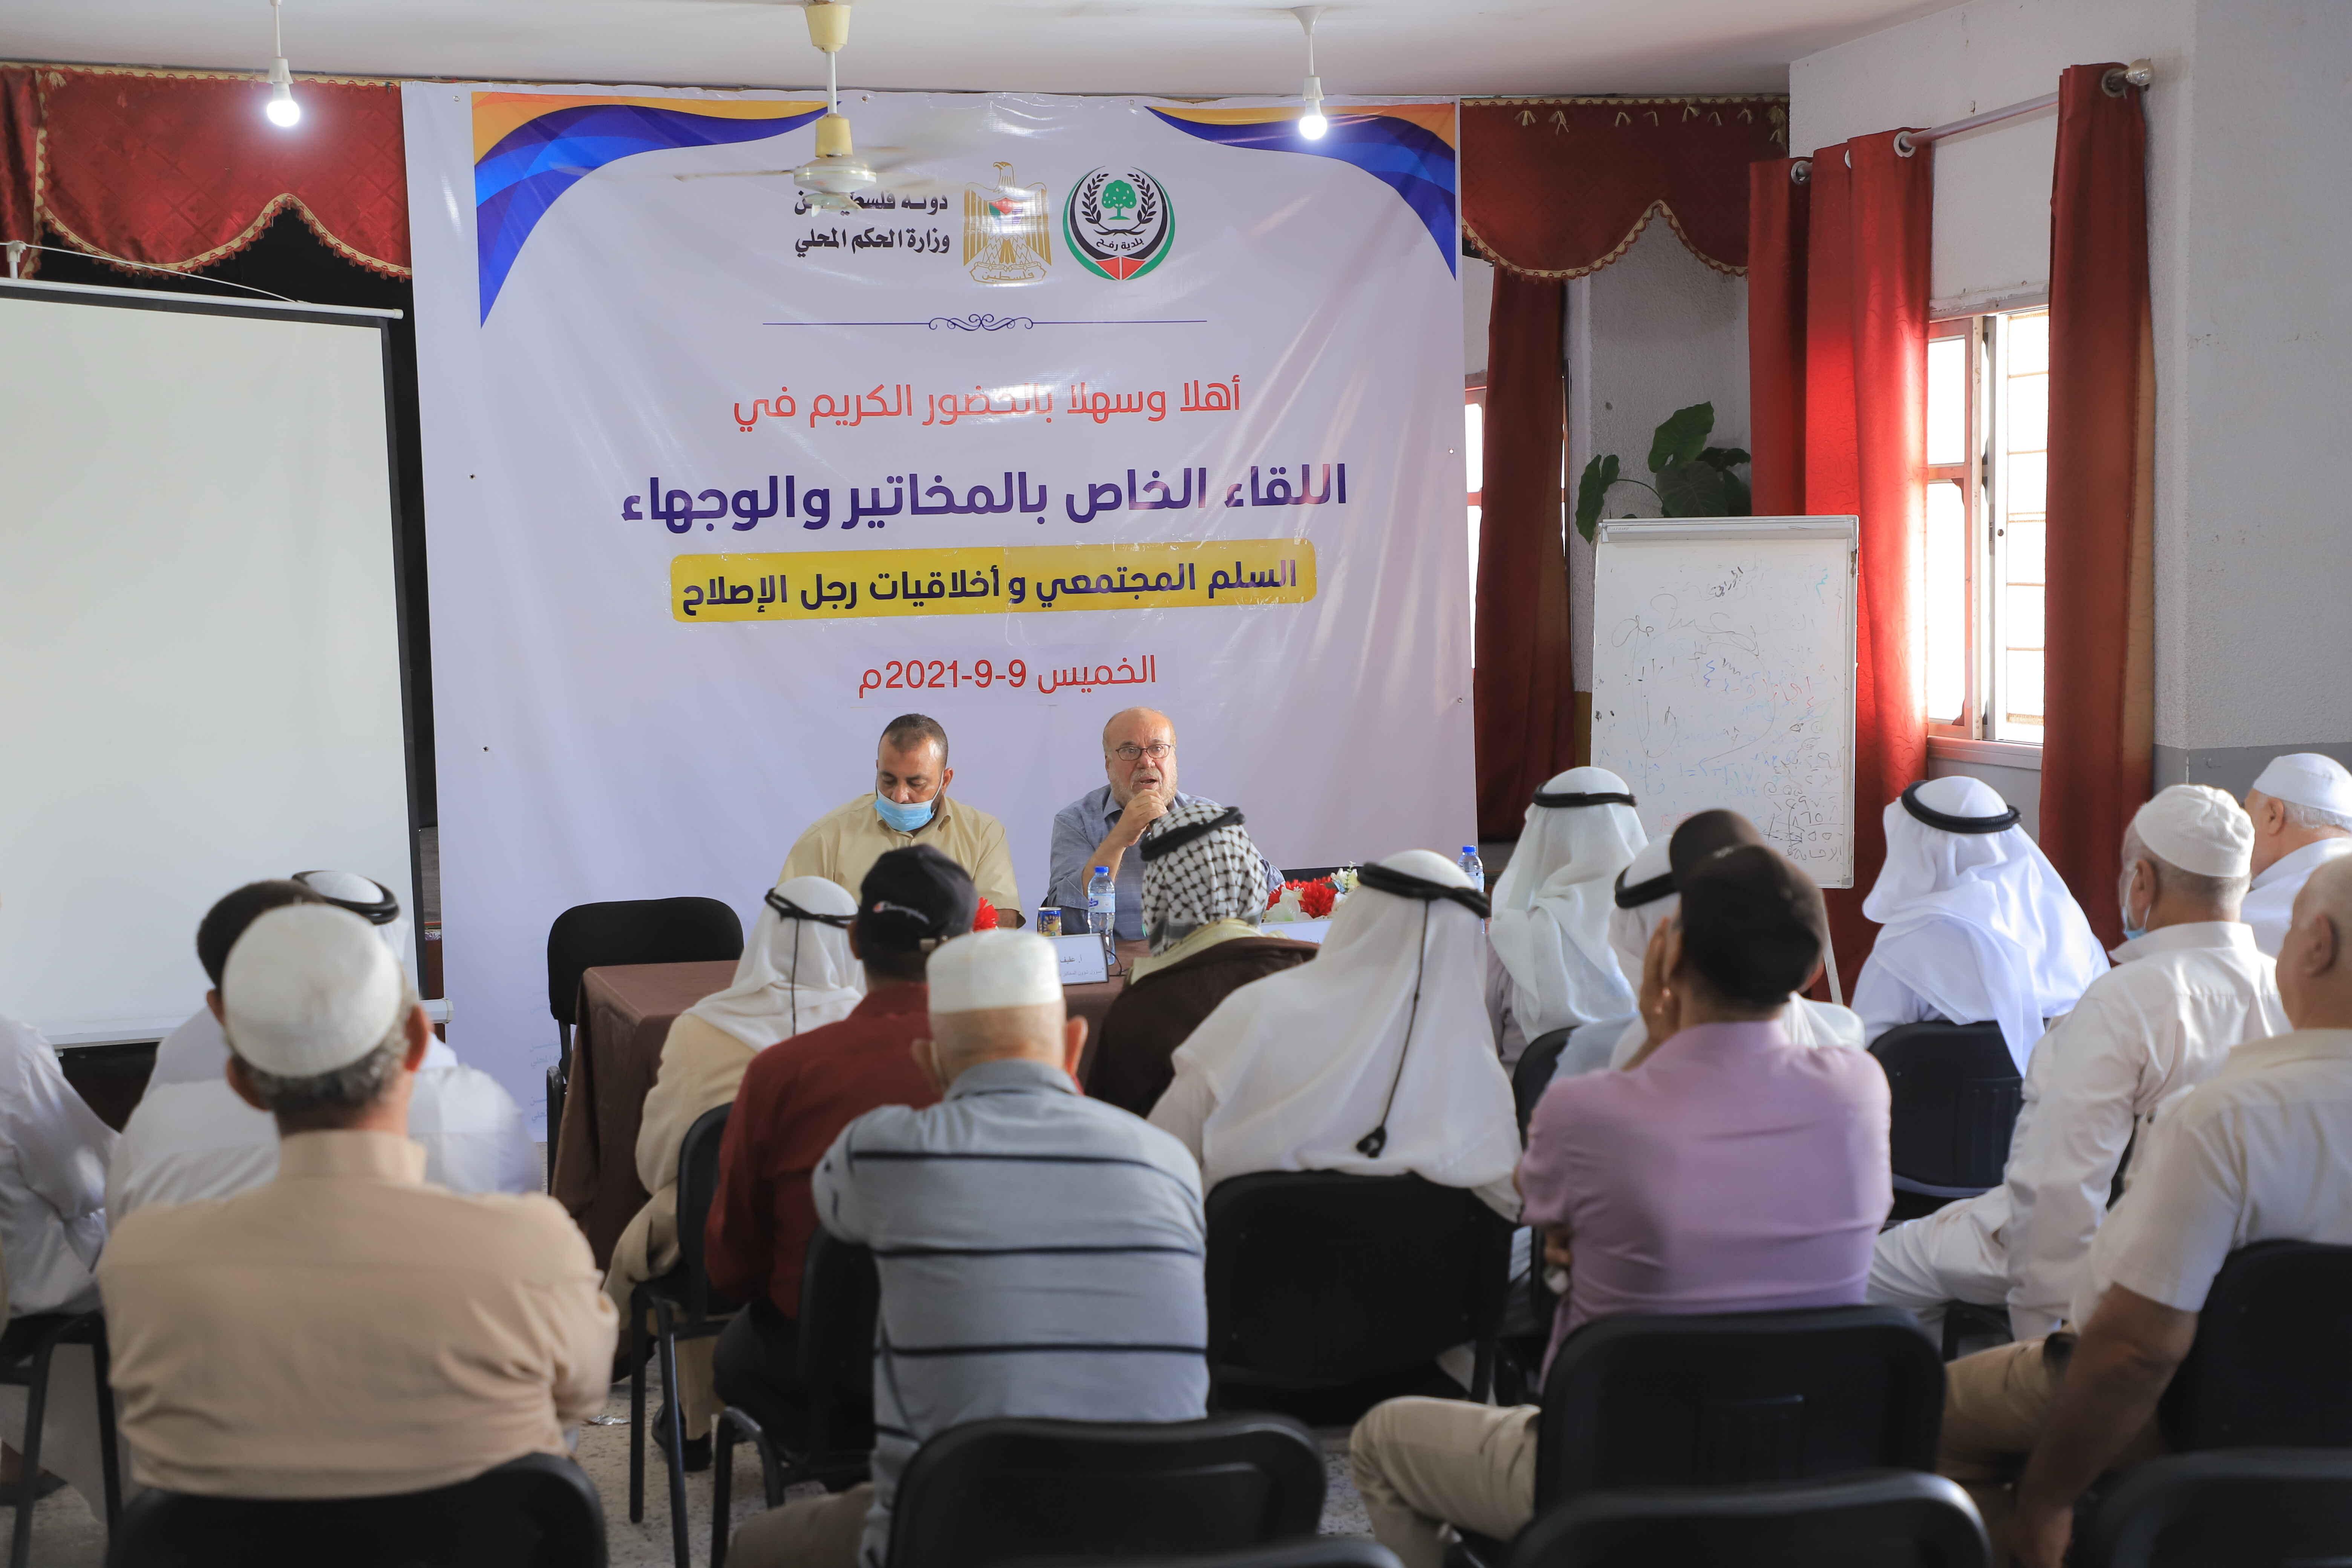 بلدية رفح تستضيف لقاءً للمخاتير والوجهاء حول أخلاقيات الإصلاح بين الناس